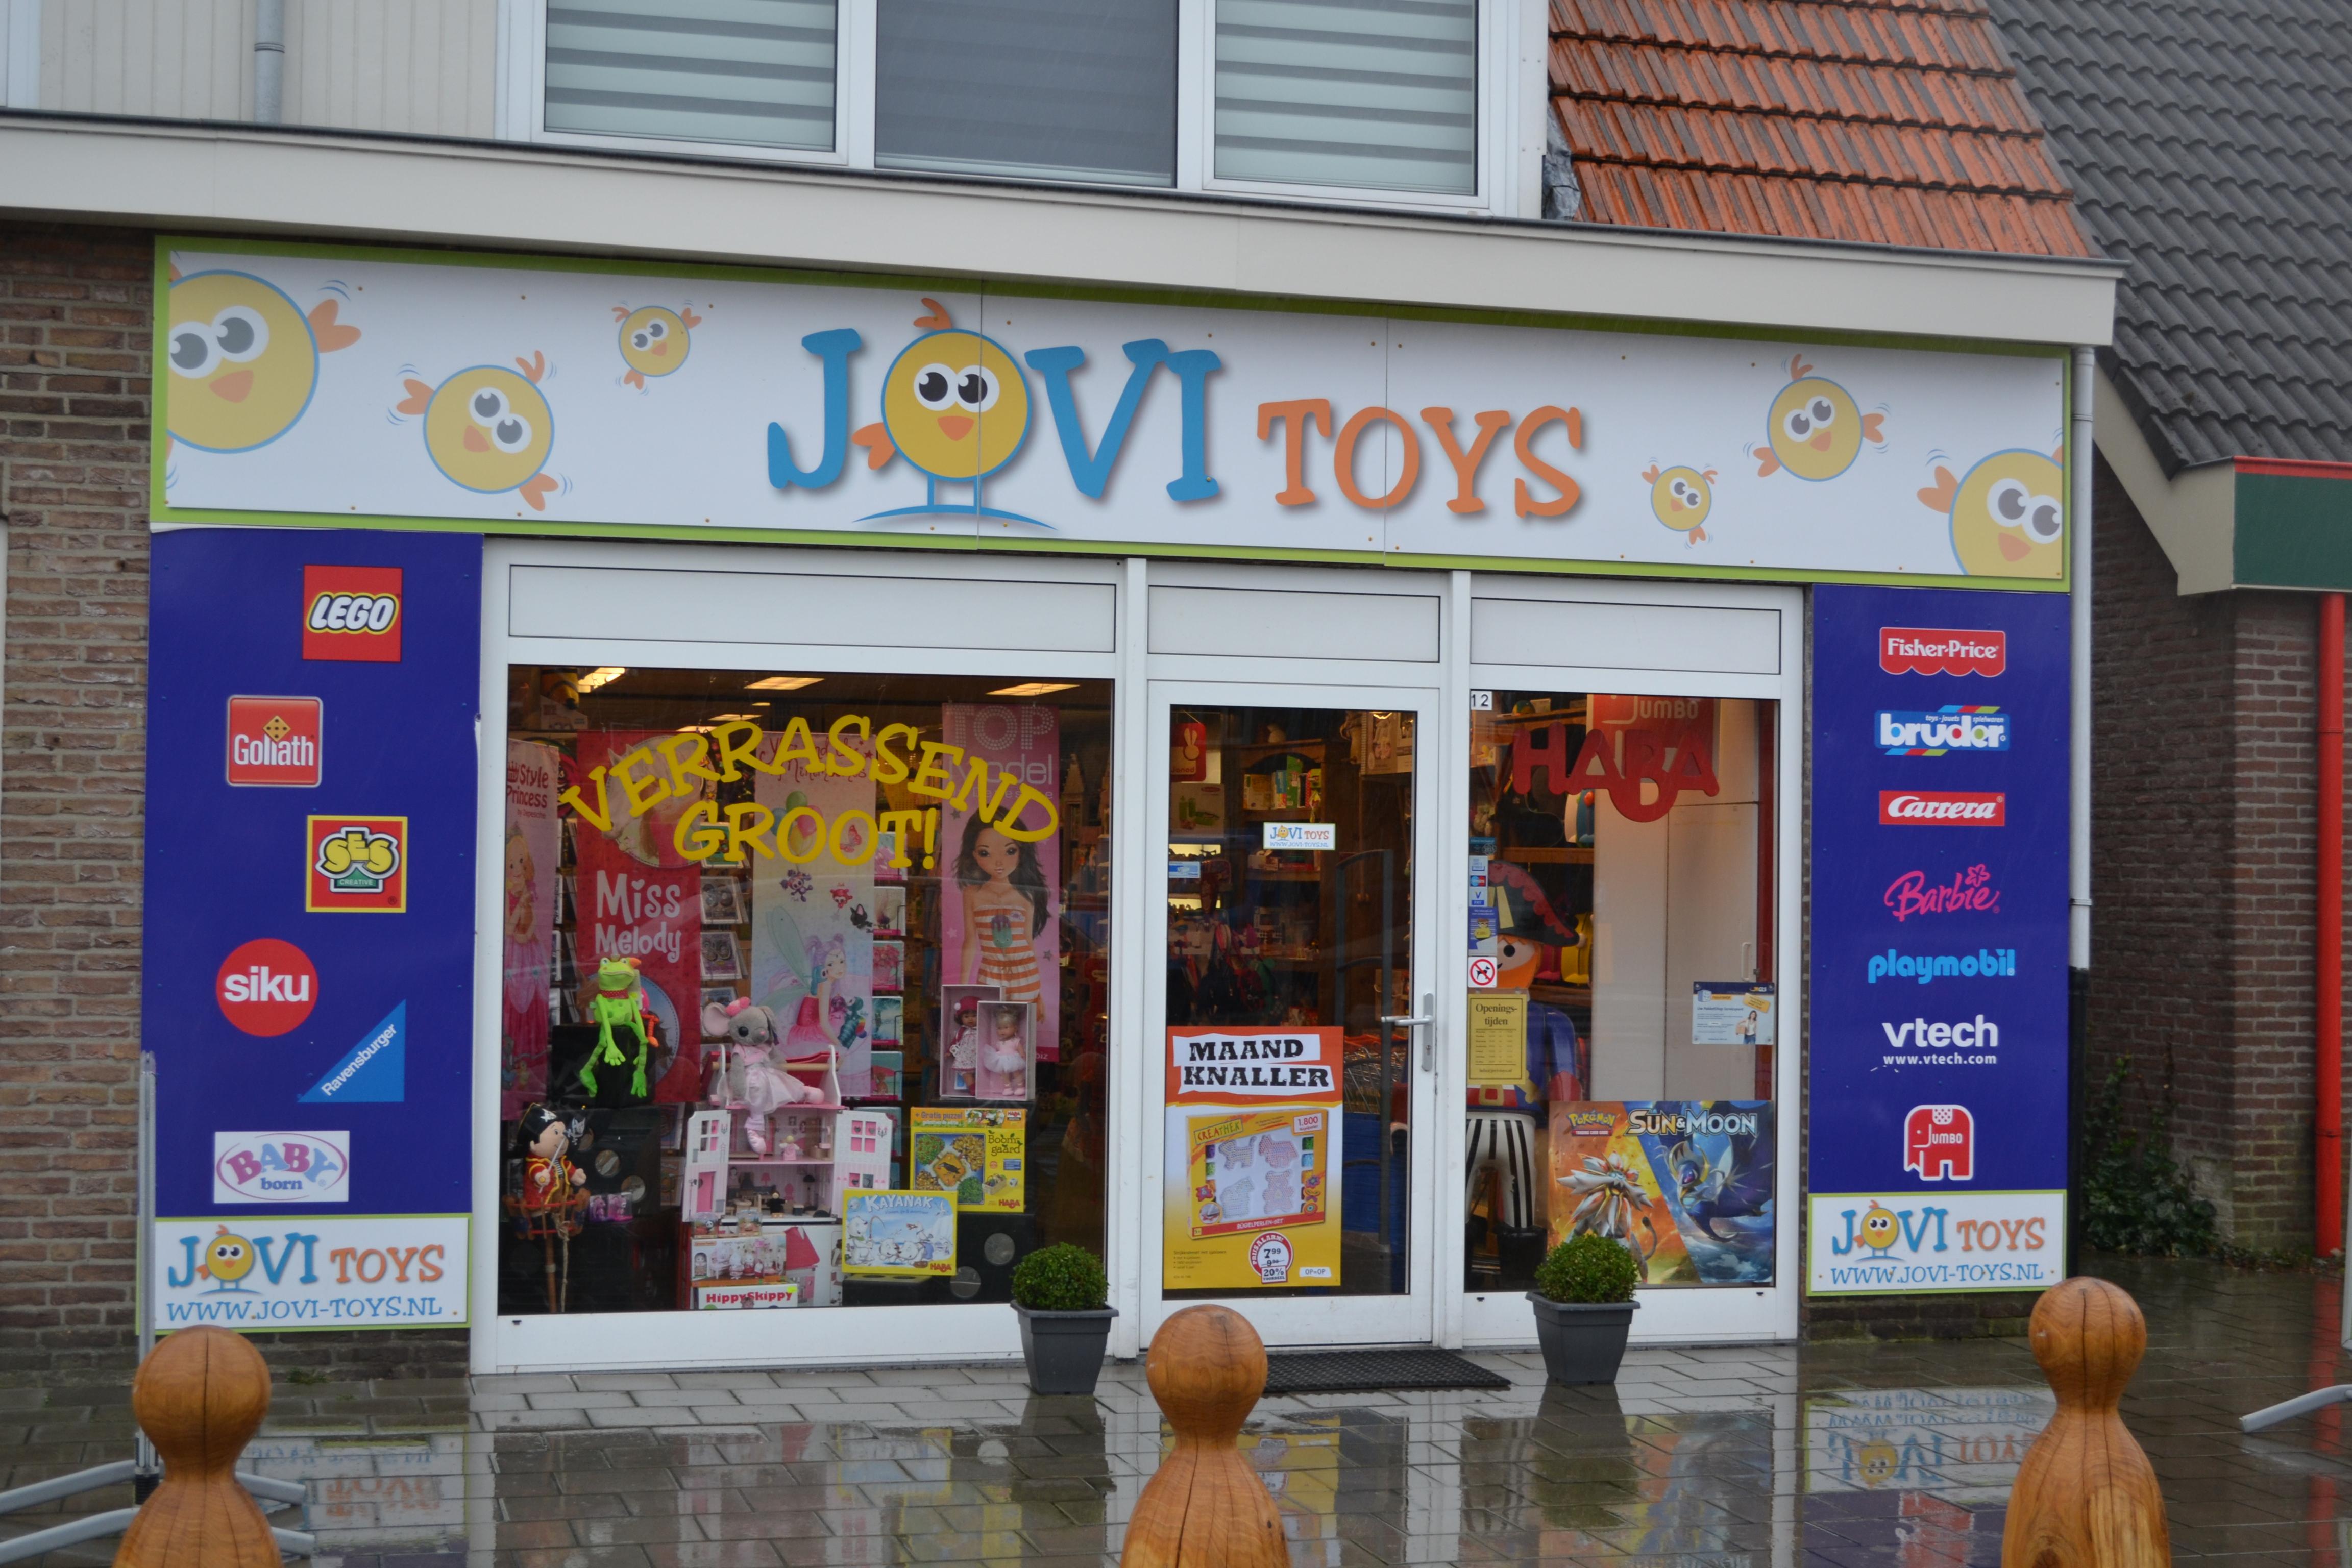 Jovi Toys